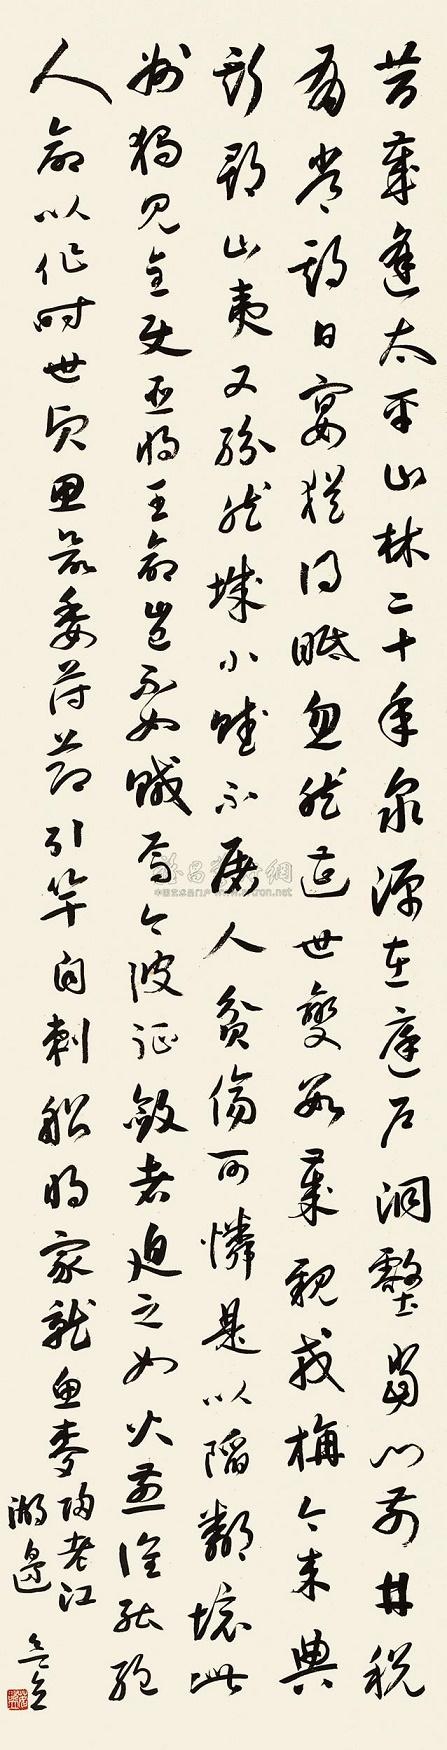 《贼退示官吏·并序》元结唐诗注释翻译赏析